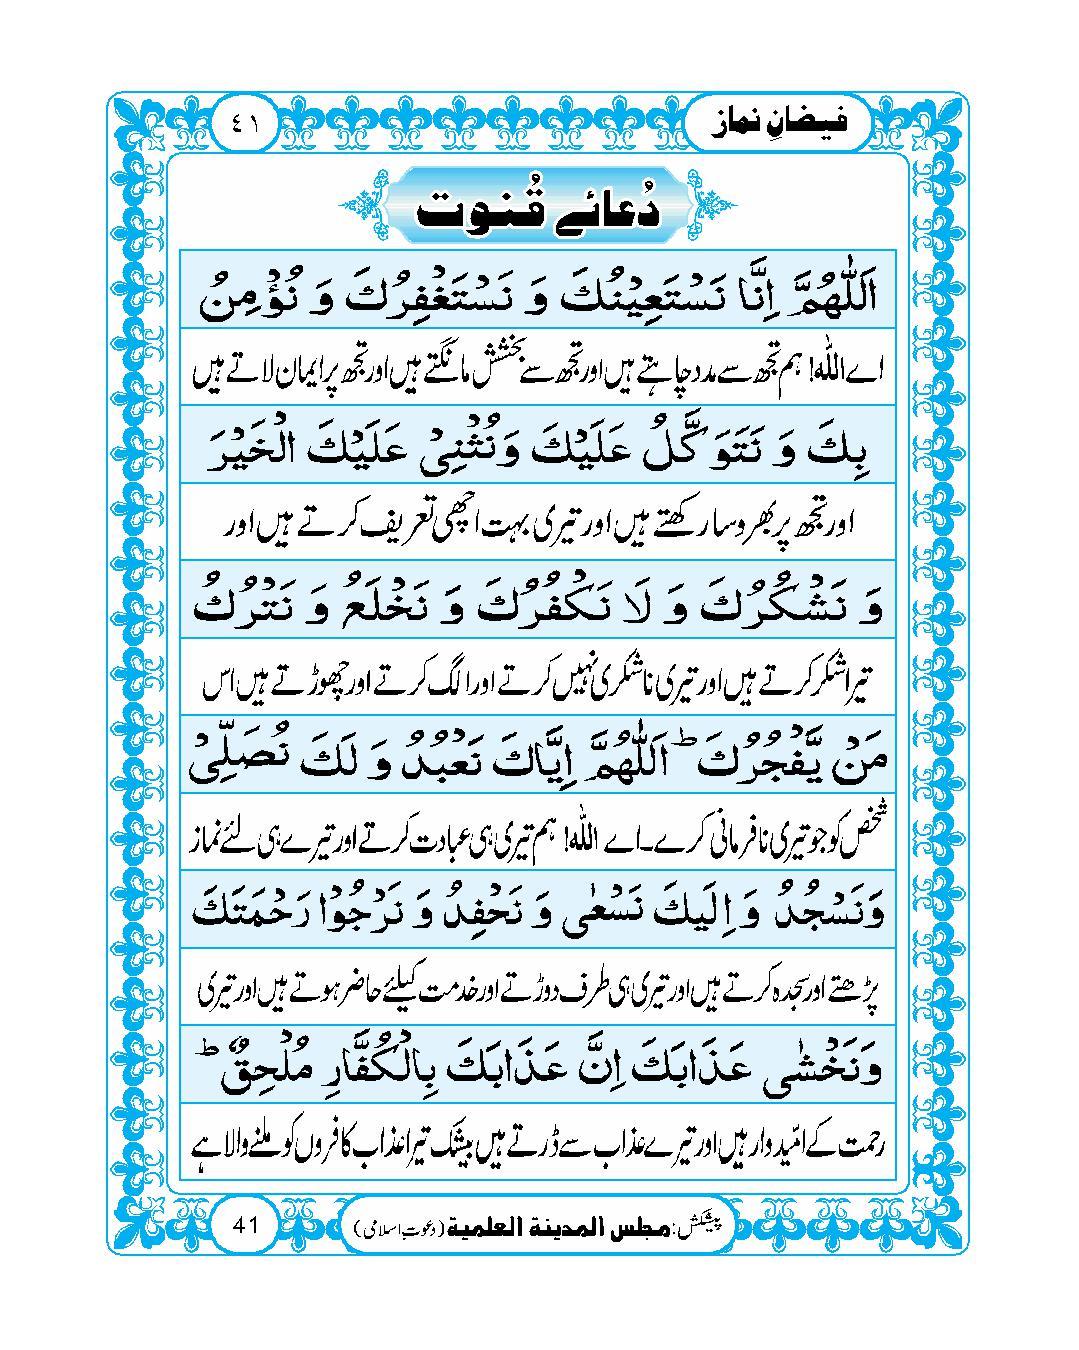 page No 41